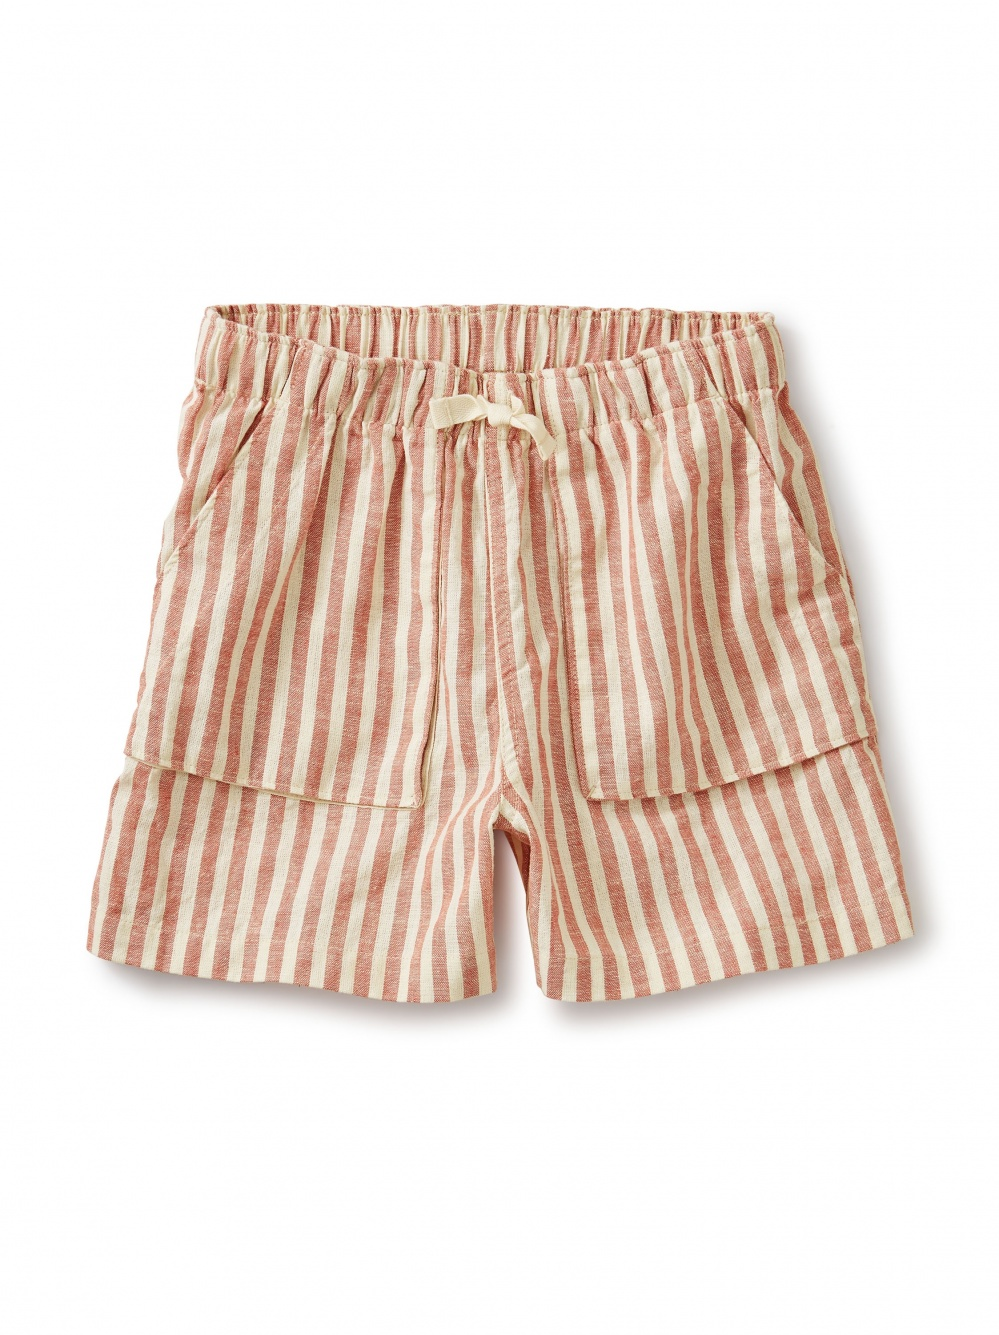 Camp Shorts